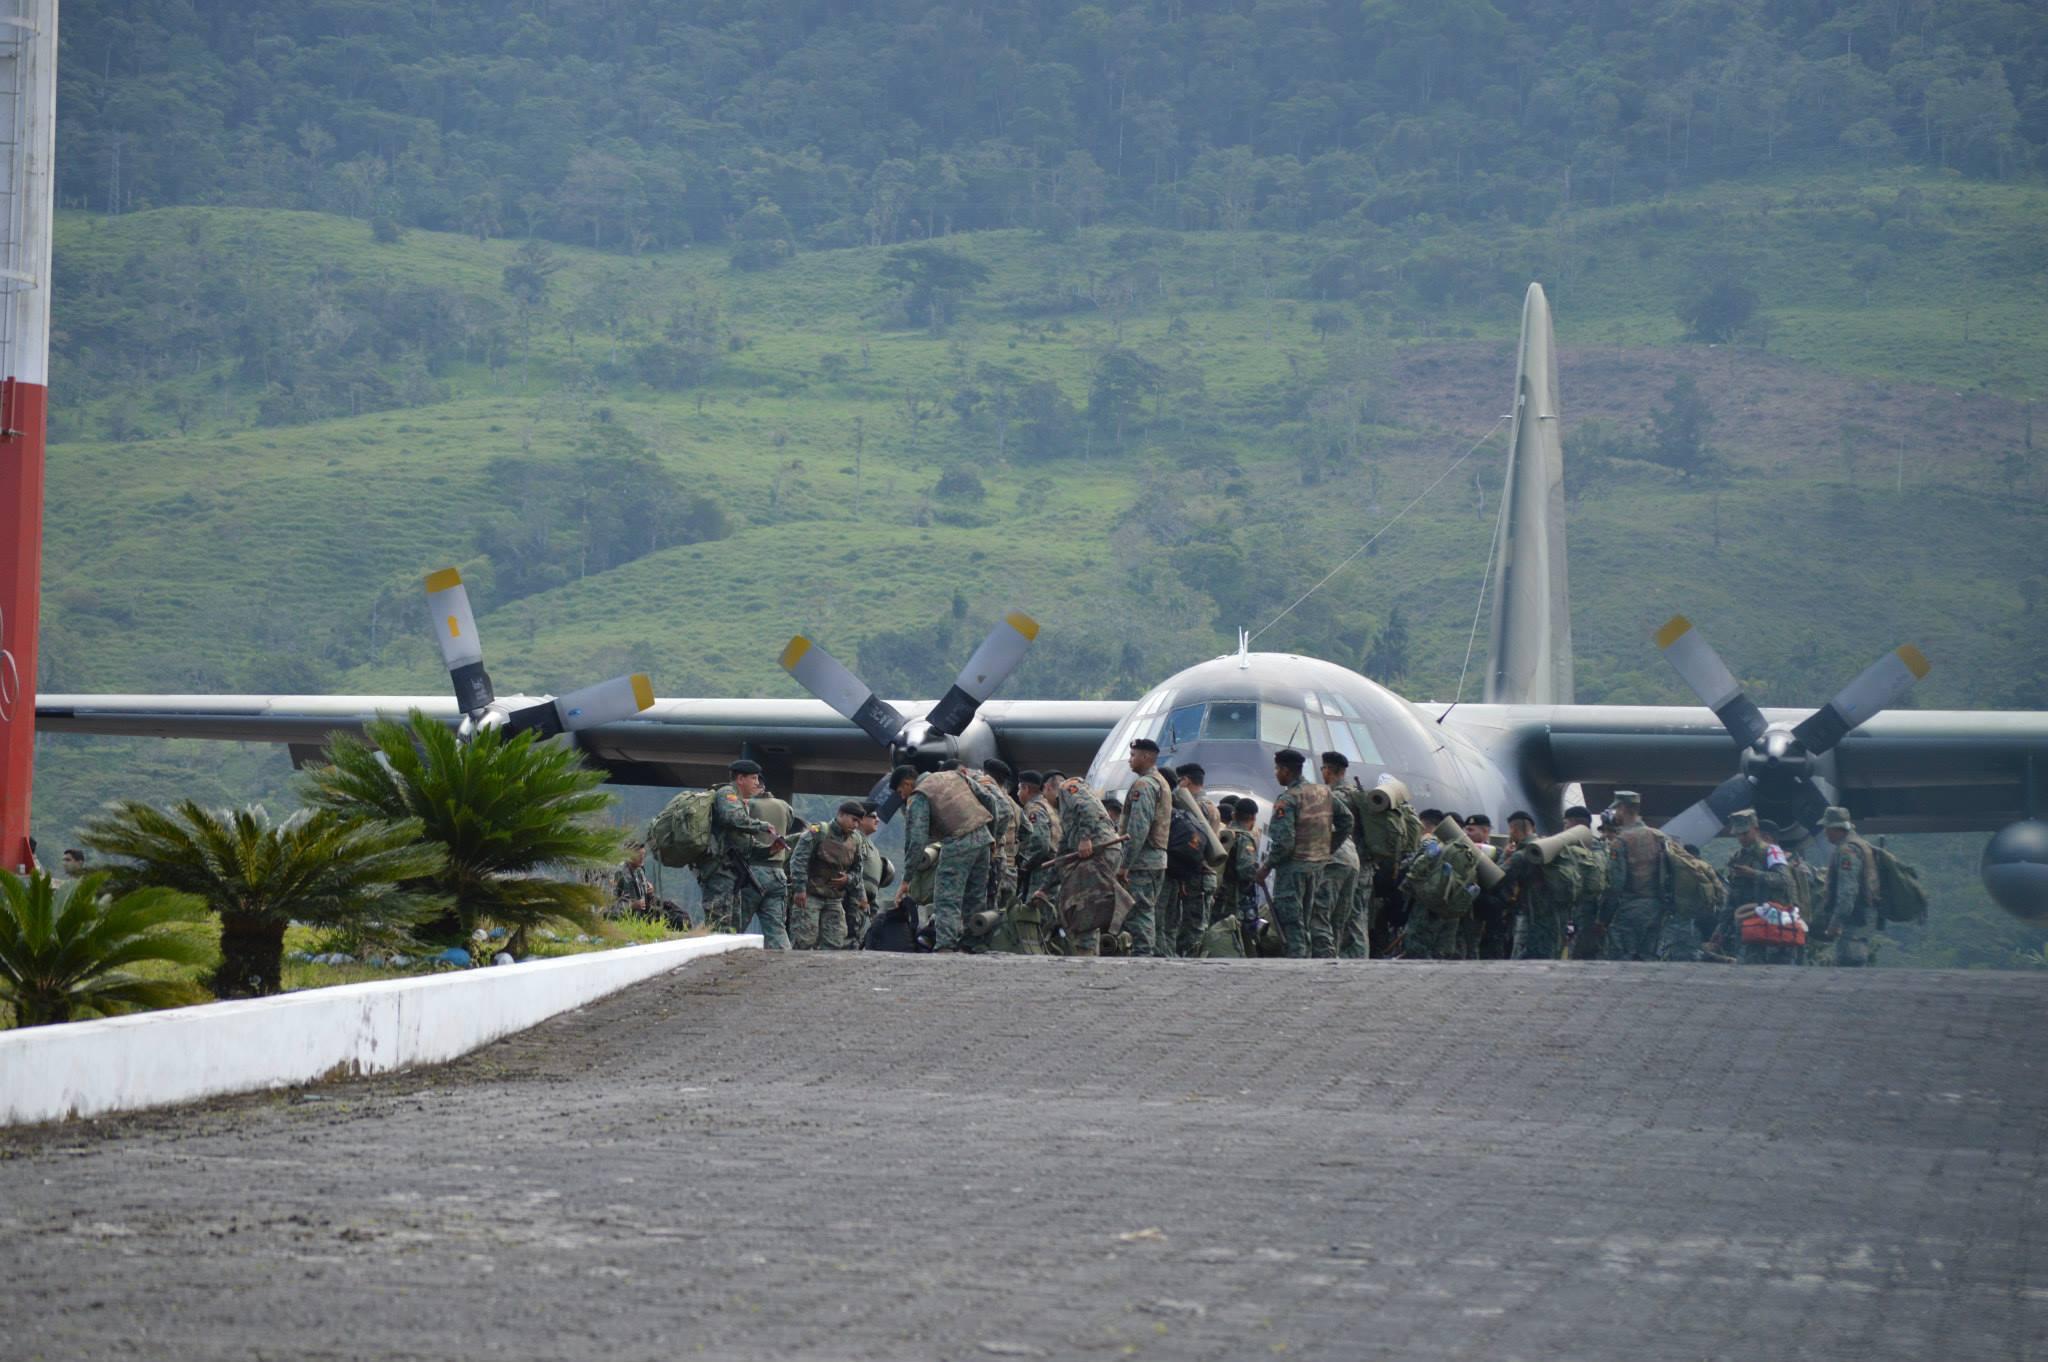 La Infantería de Marina llega a Macas, el 18 de agosto de 2015. Fotos de Radio Macas